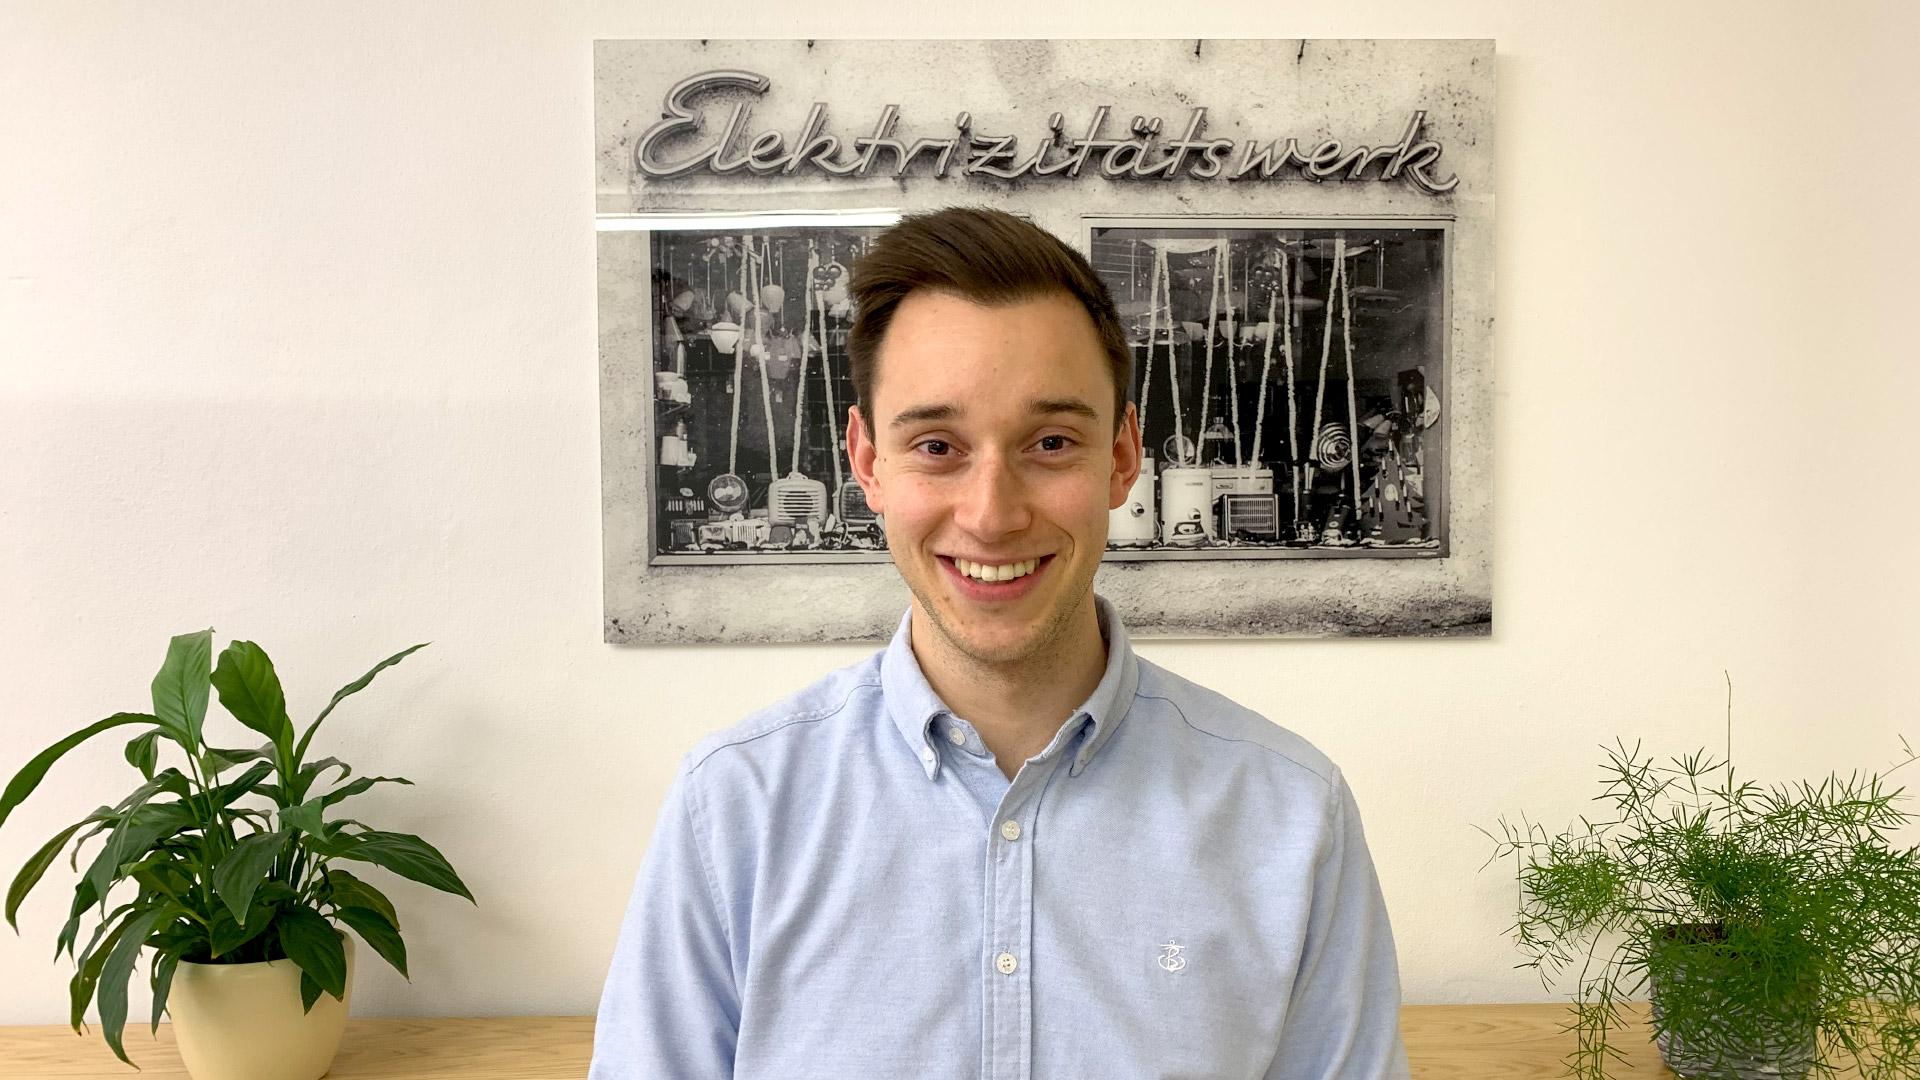 Vorstellung des neuen Mitarbeiters Felix Eiermann